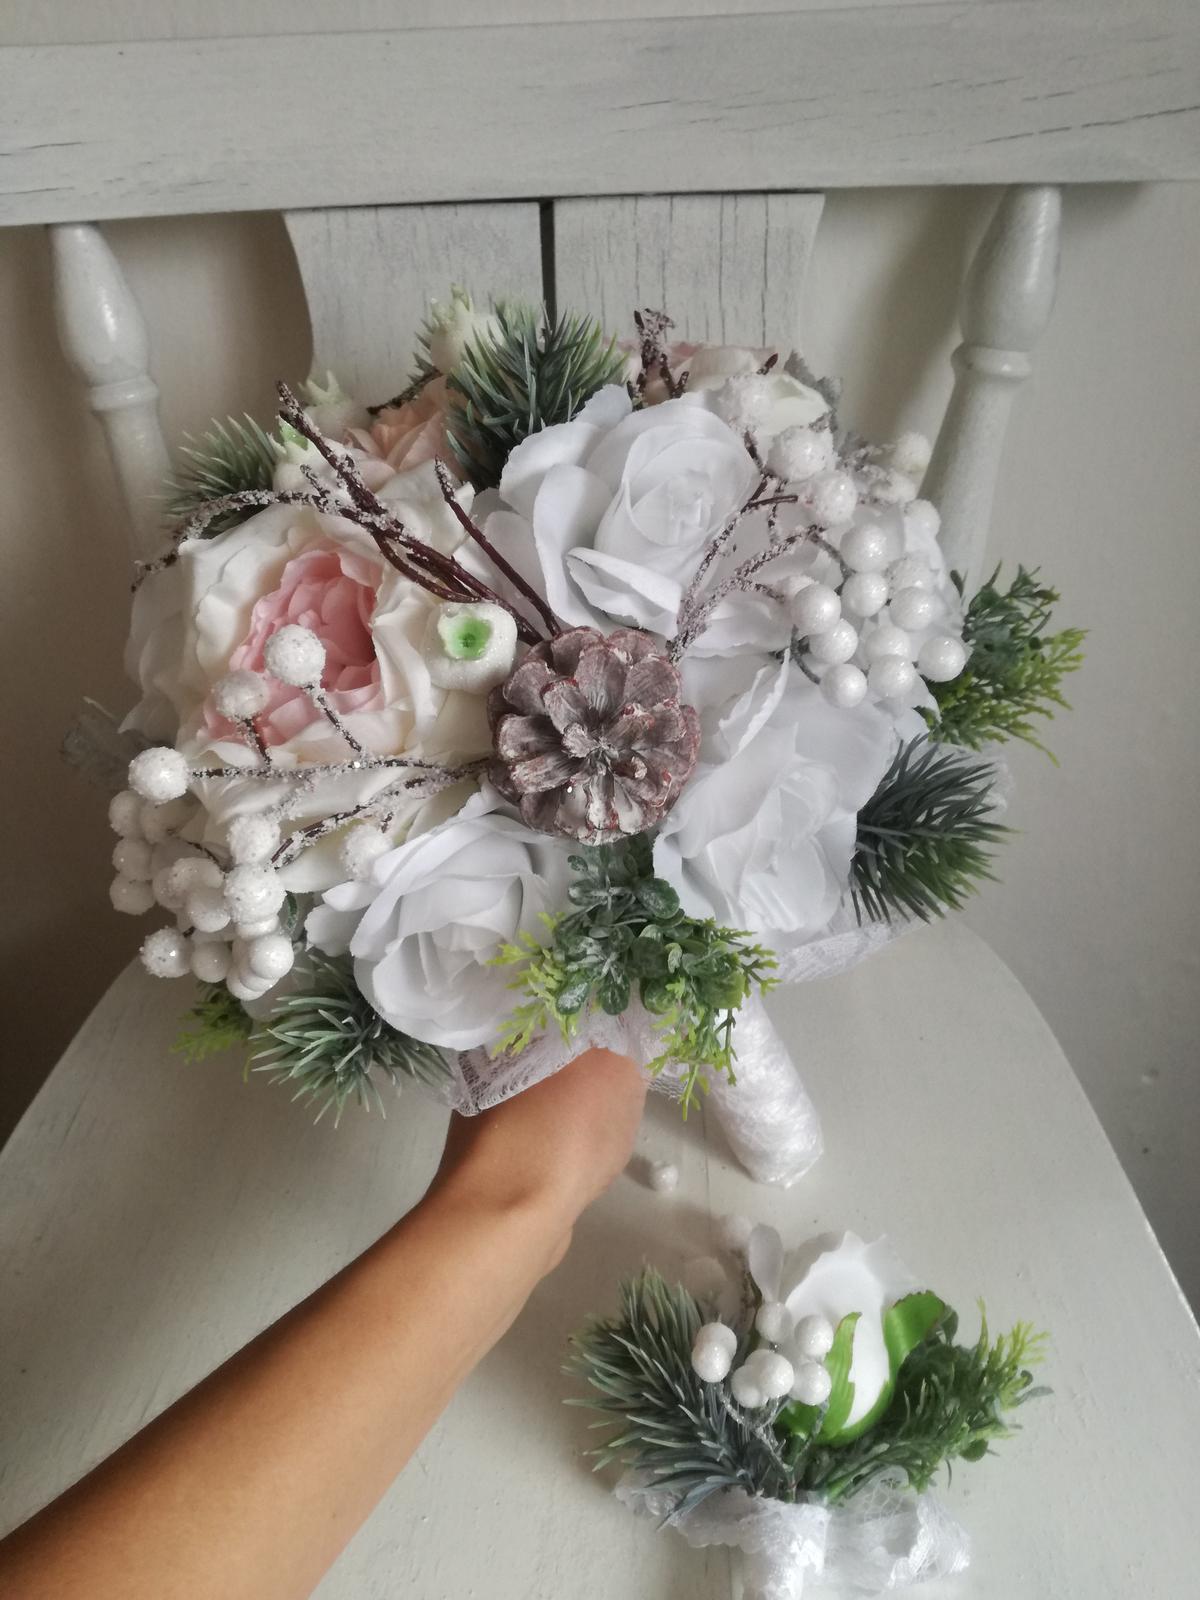 Z umelých kvetov - Obrázok č. 50